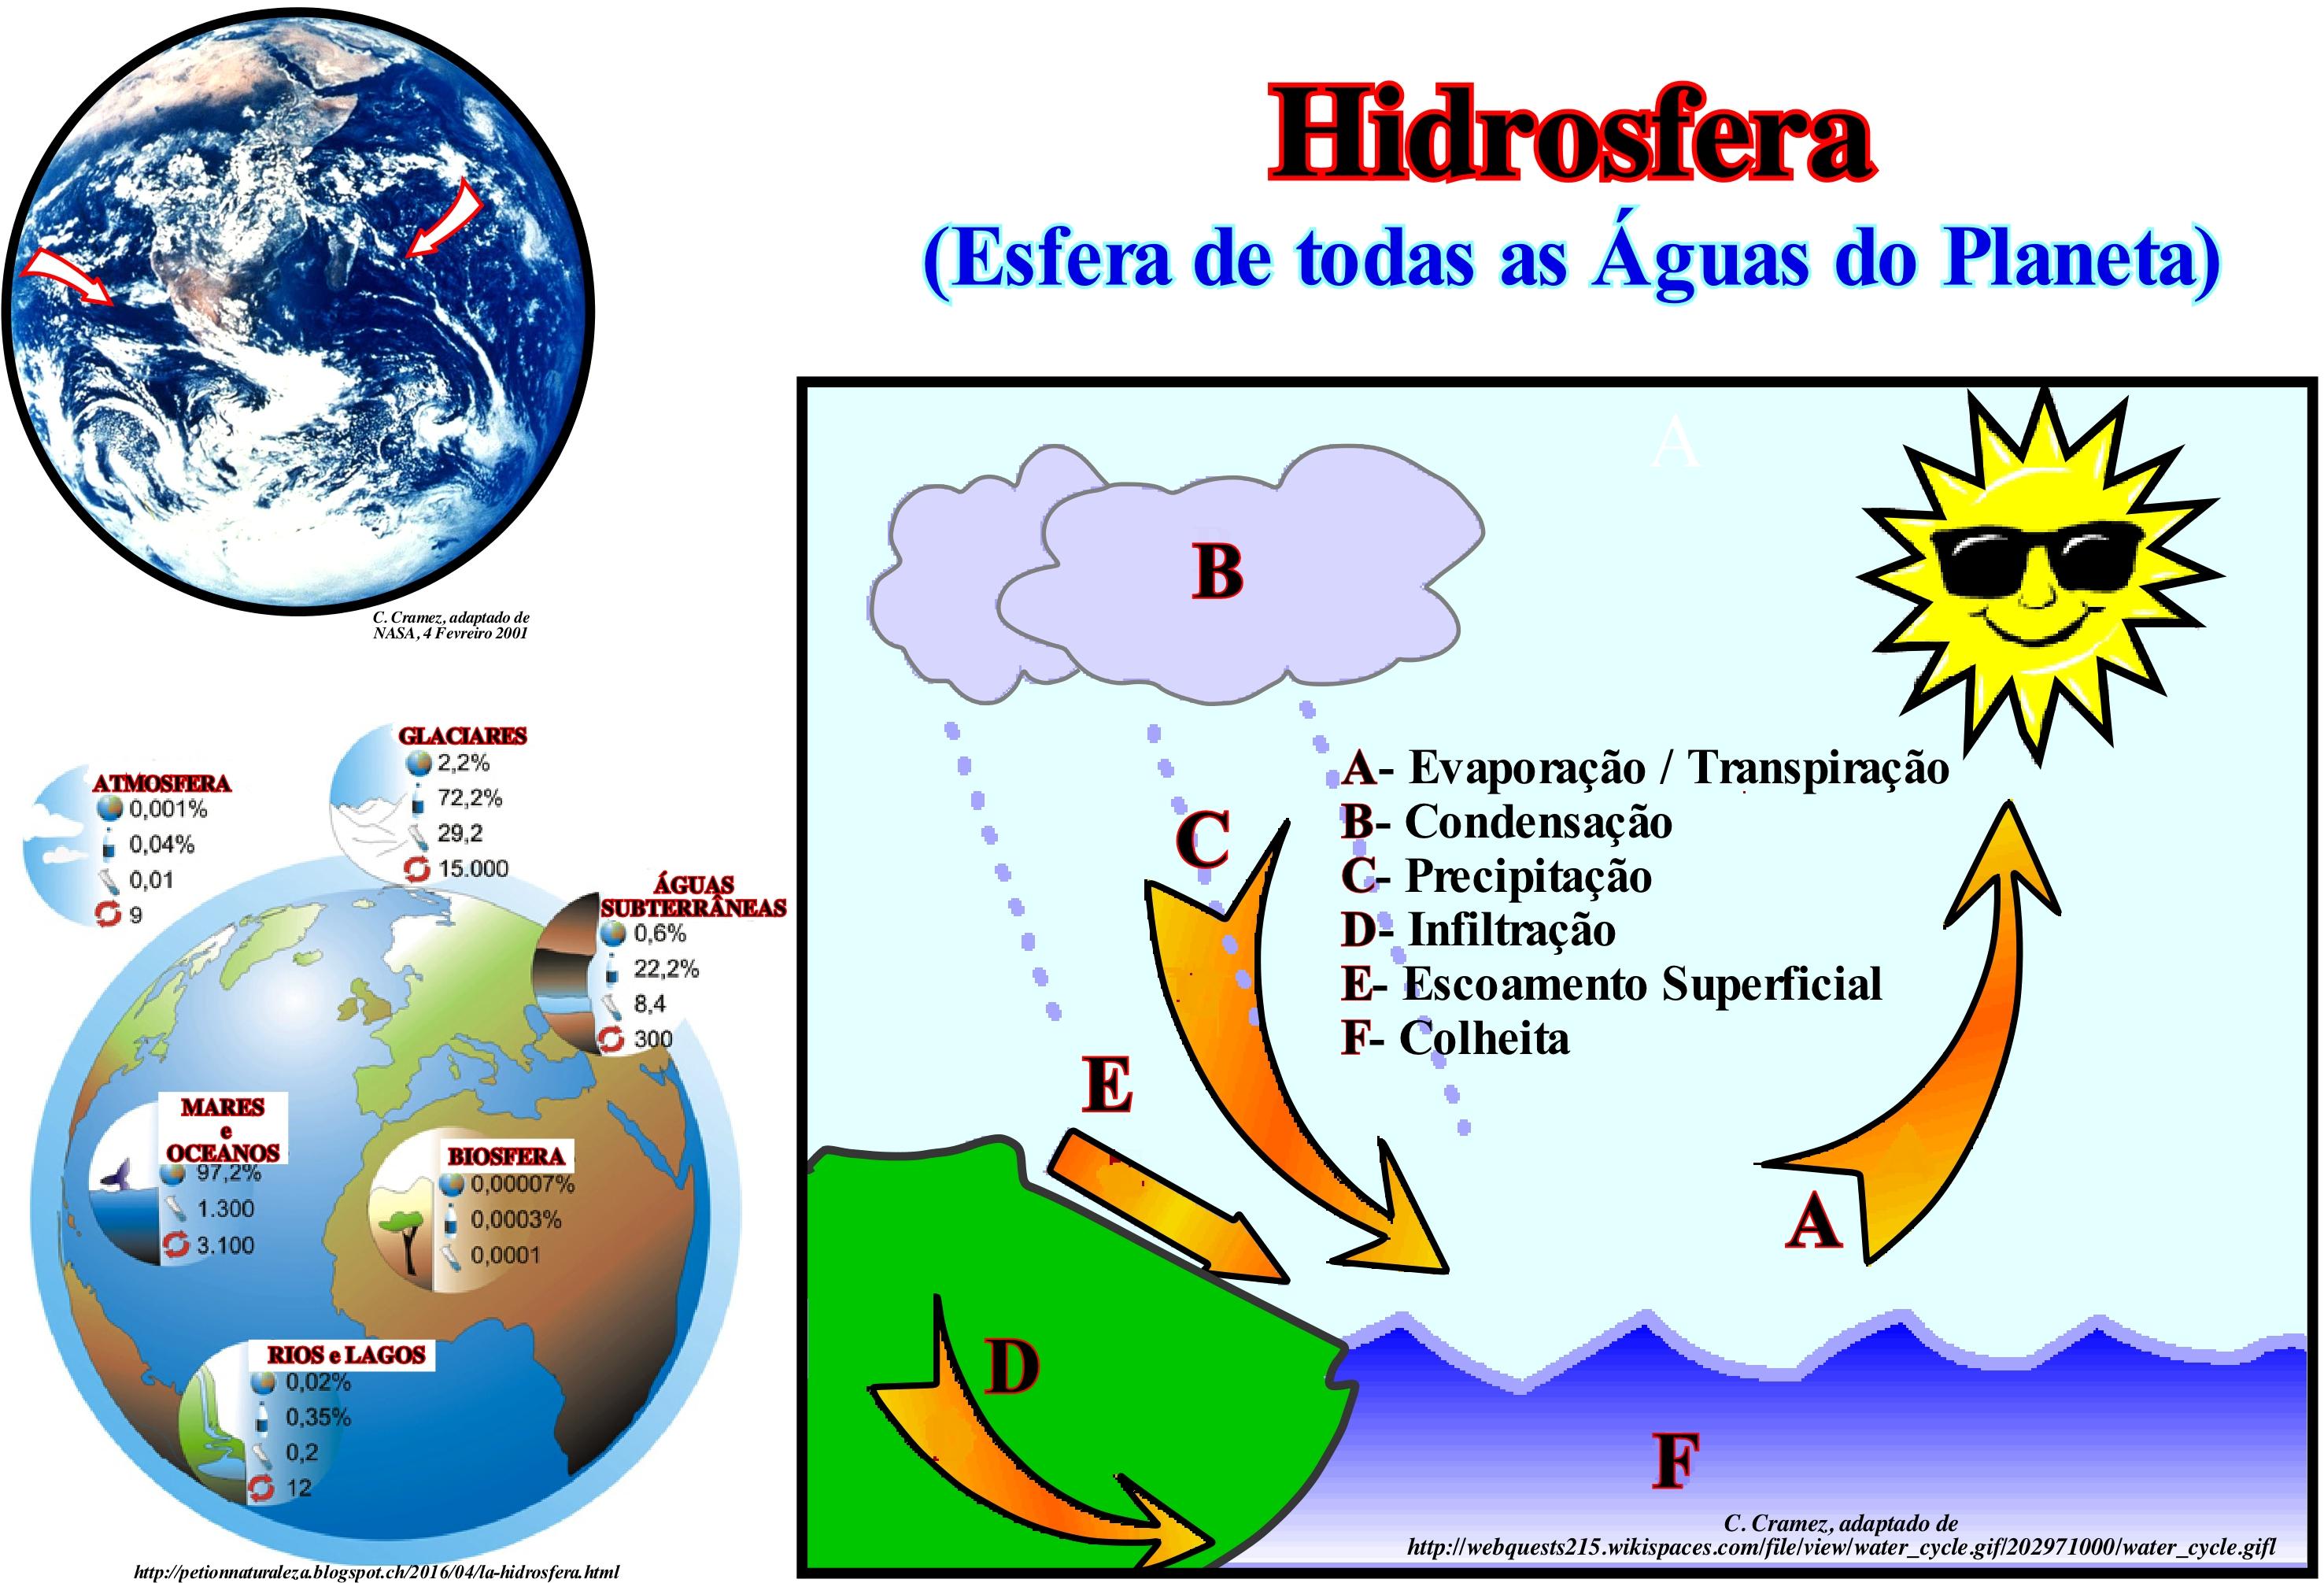 Pagina h termos a hidrosfera inclui toda a gua da terra na realidade 71 da terra coberta de gua e s 29 corresponde terra firme a abundncia de gua na terra ccuart Gallery